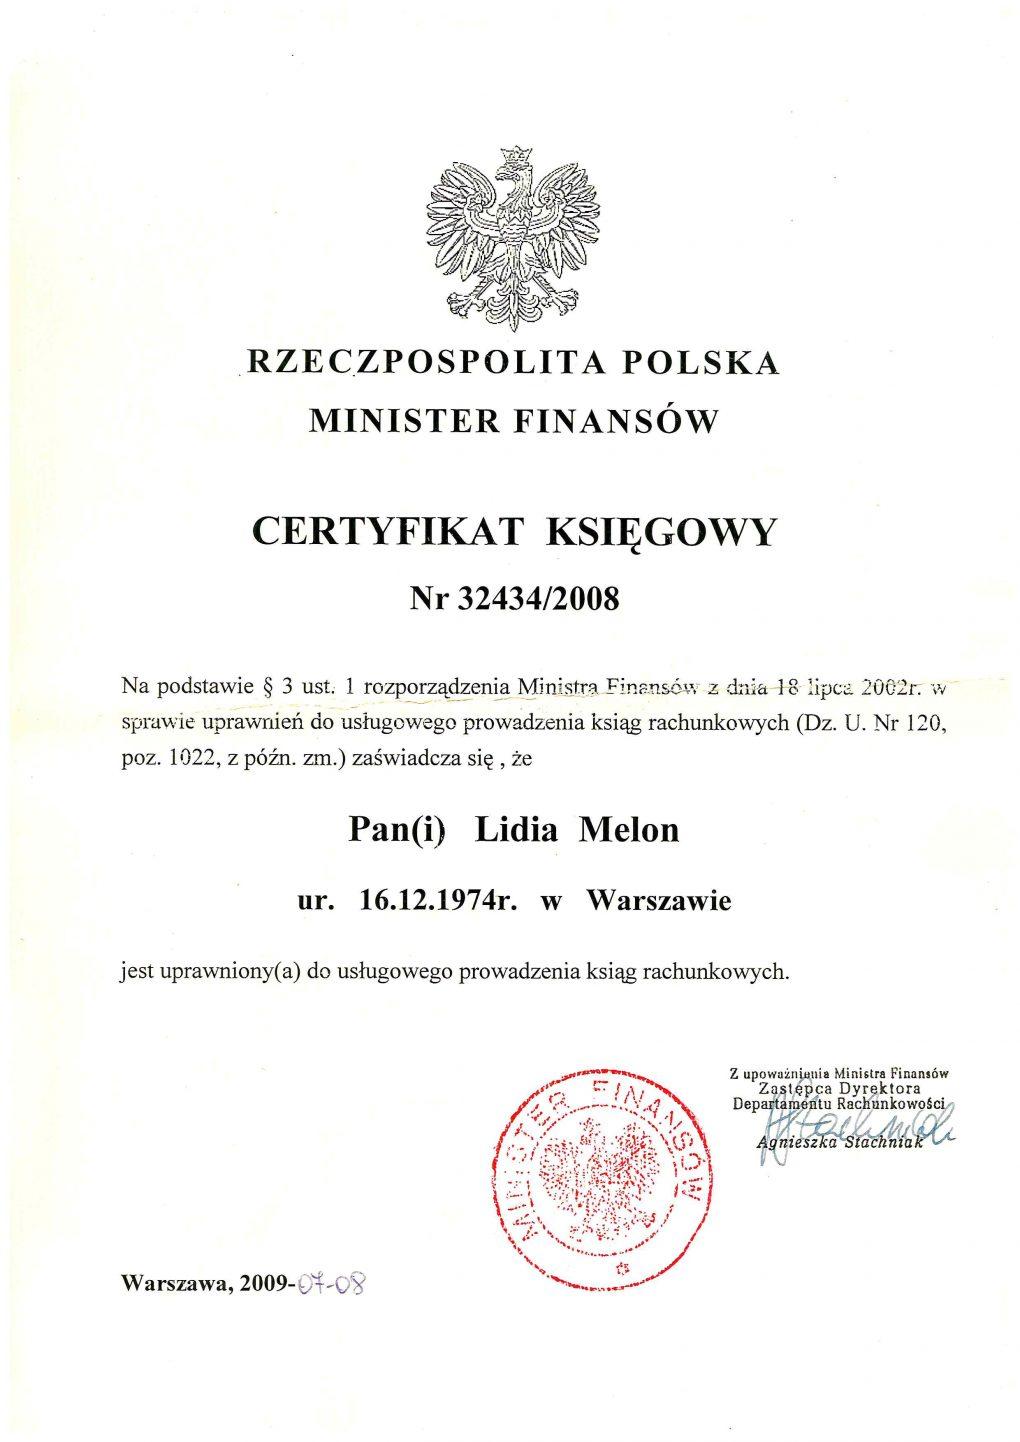 Lidia_ Melon_certyfikat